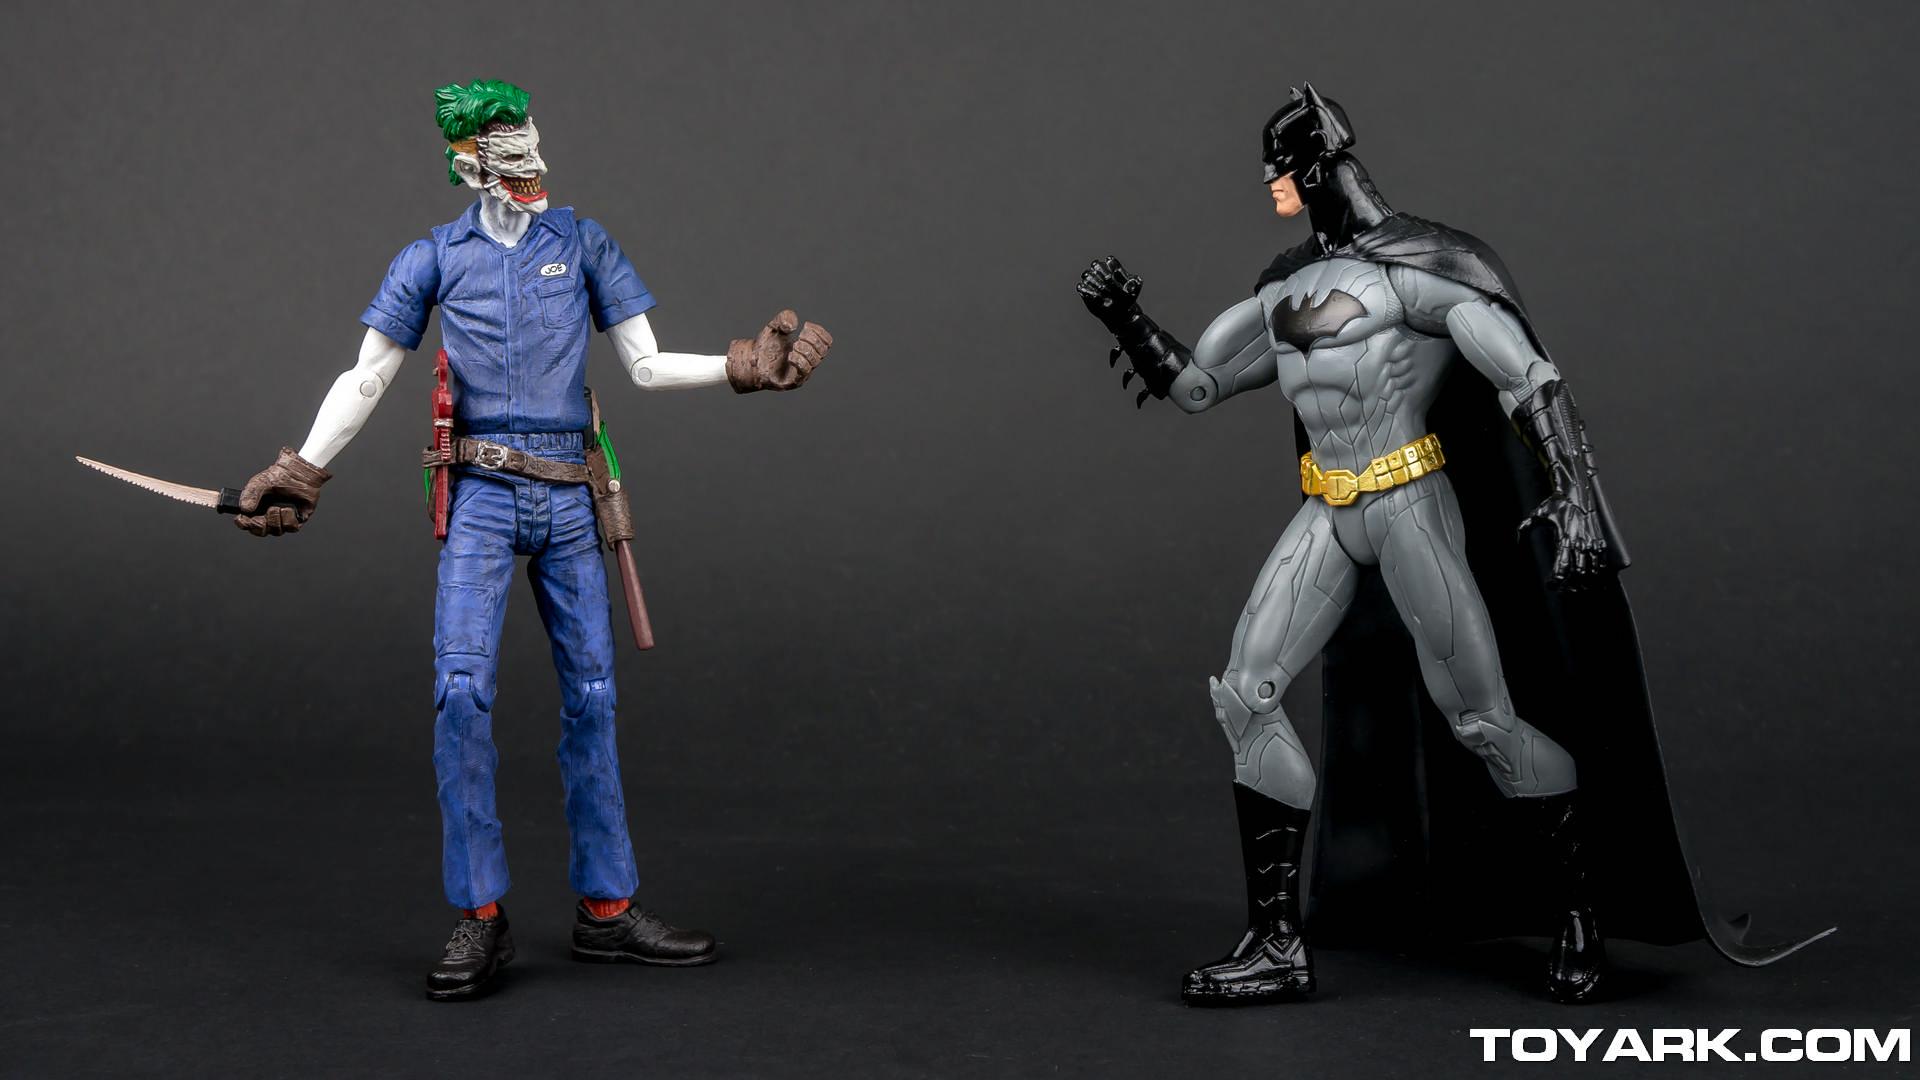 New 52 Joker Wallpaper New 52 joker 19 1920x1080